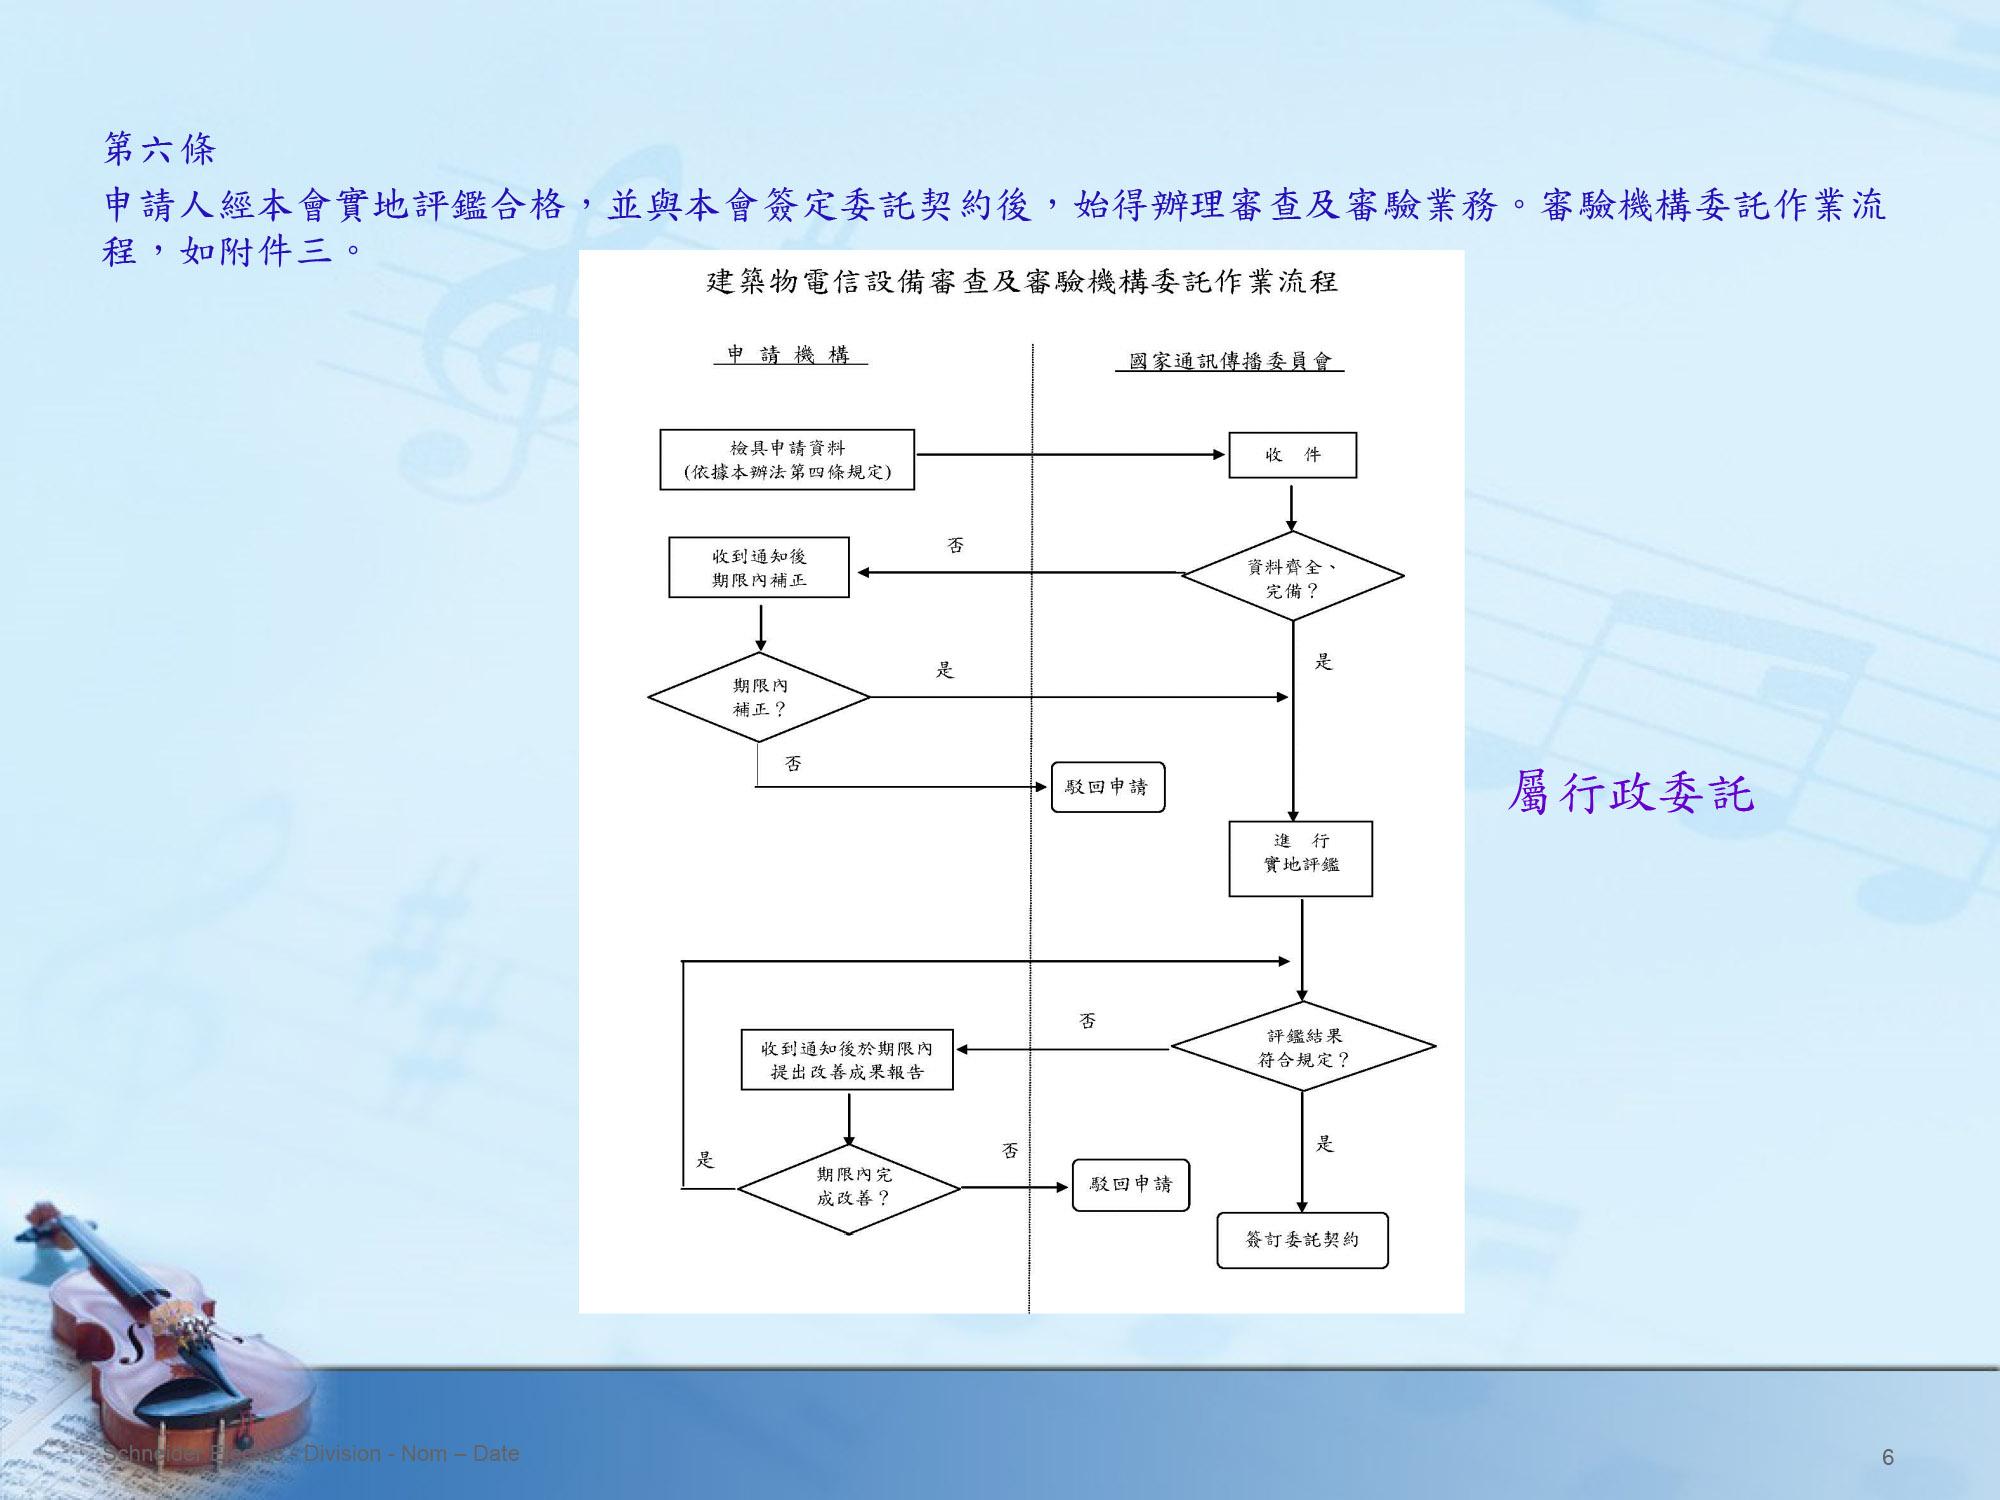 臺灣智慧光網(顧問:祥安電機技師事務所): NCC委辦業務訊息